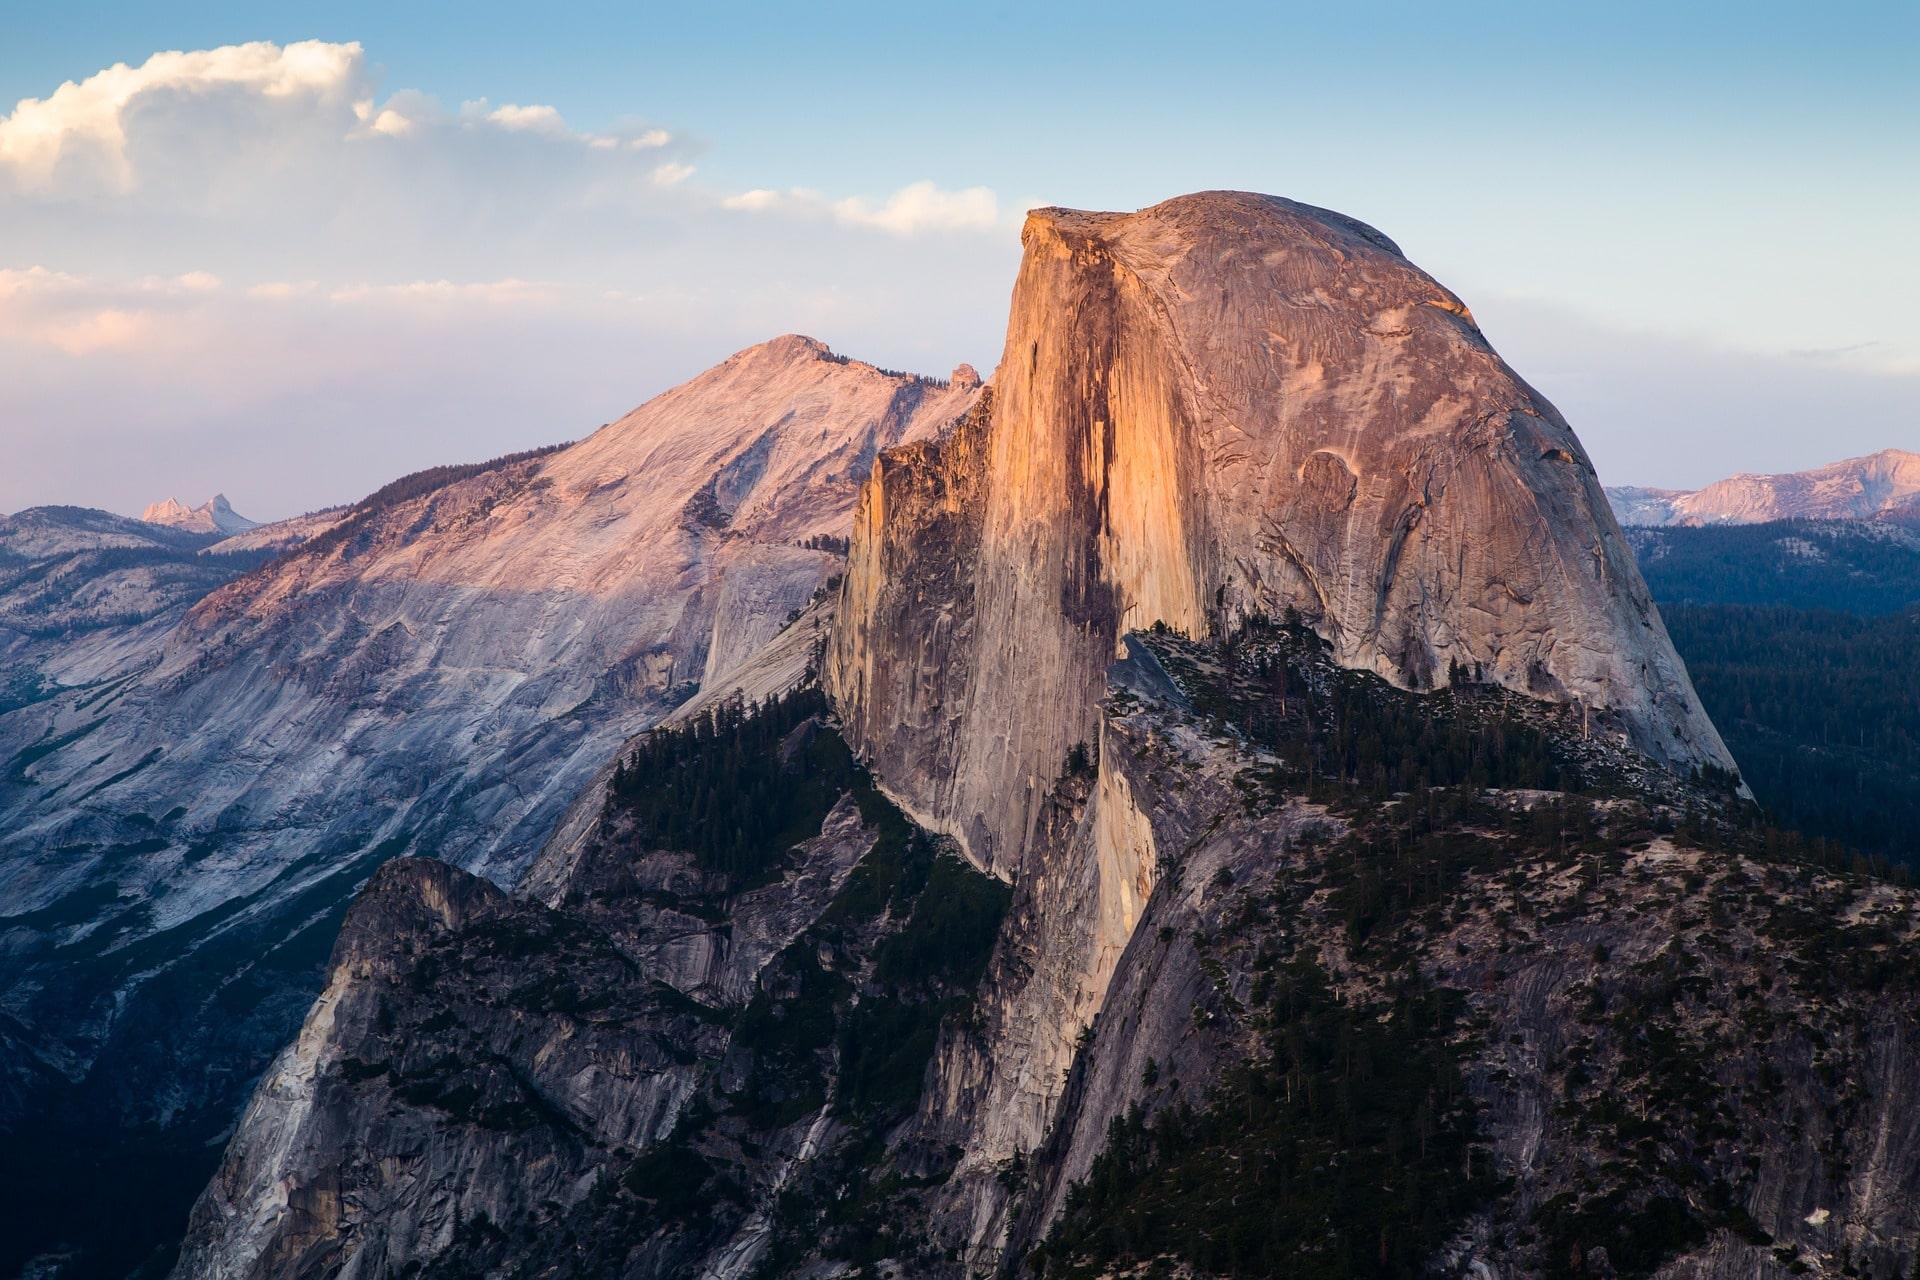 vue sur le Half-Dome au parc national de Yosemite